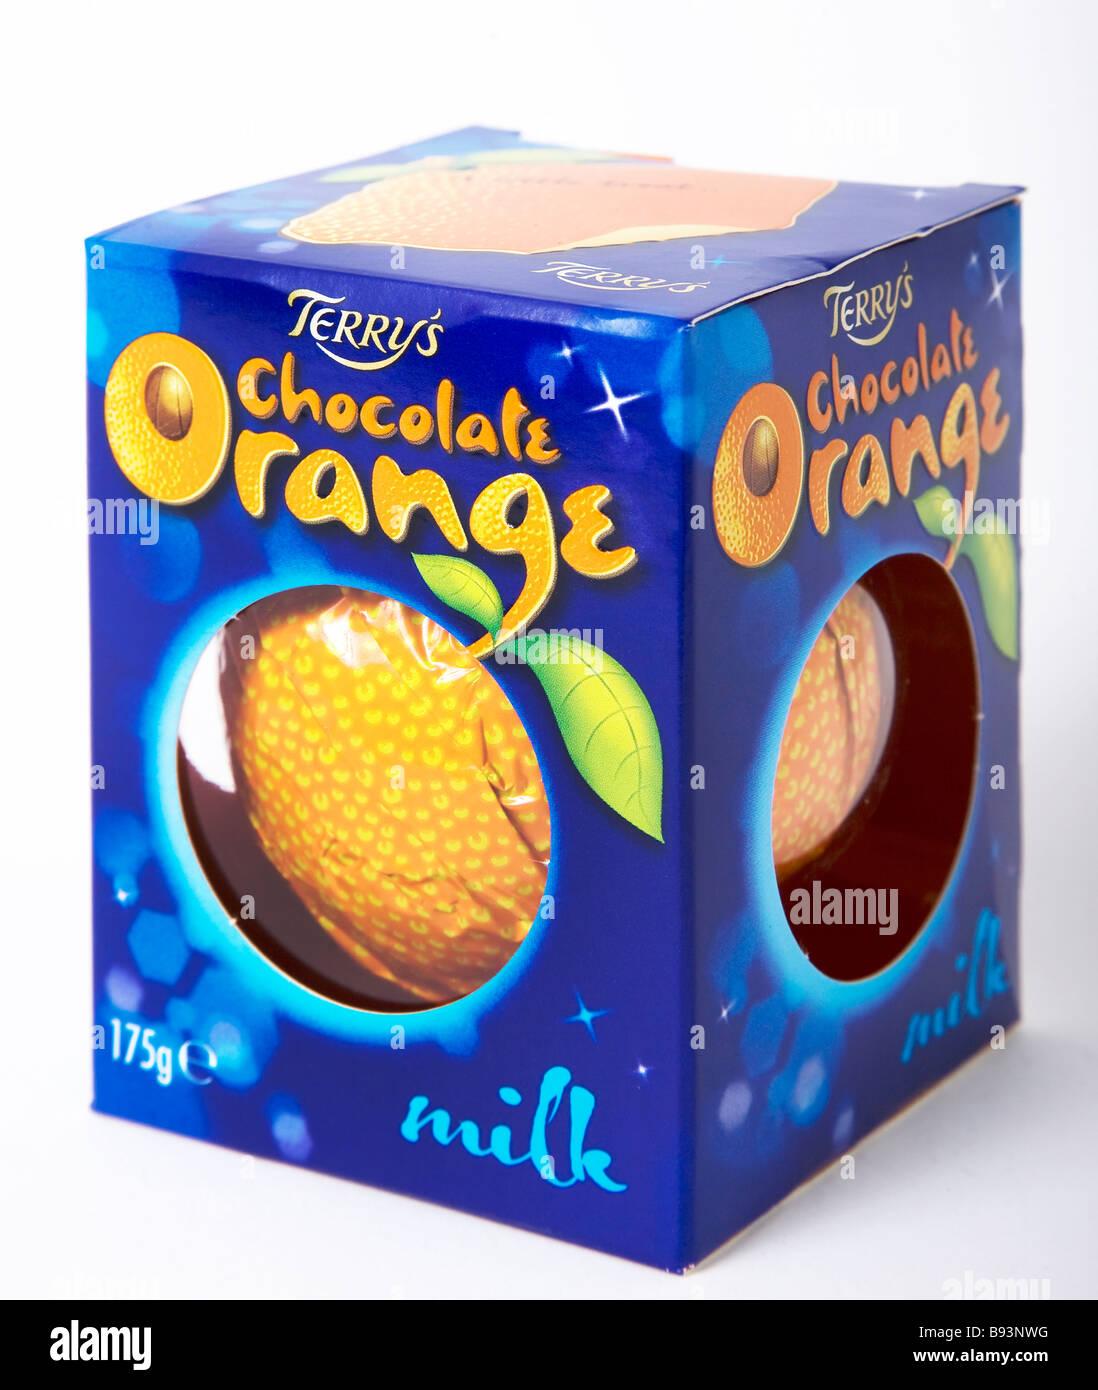 Terry's classic orange chocolat Photo Stock